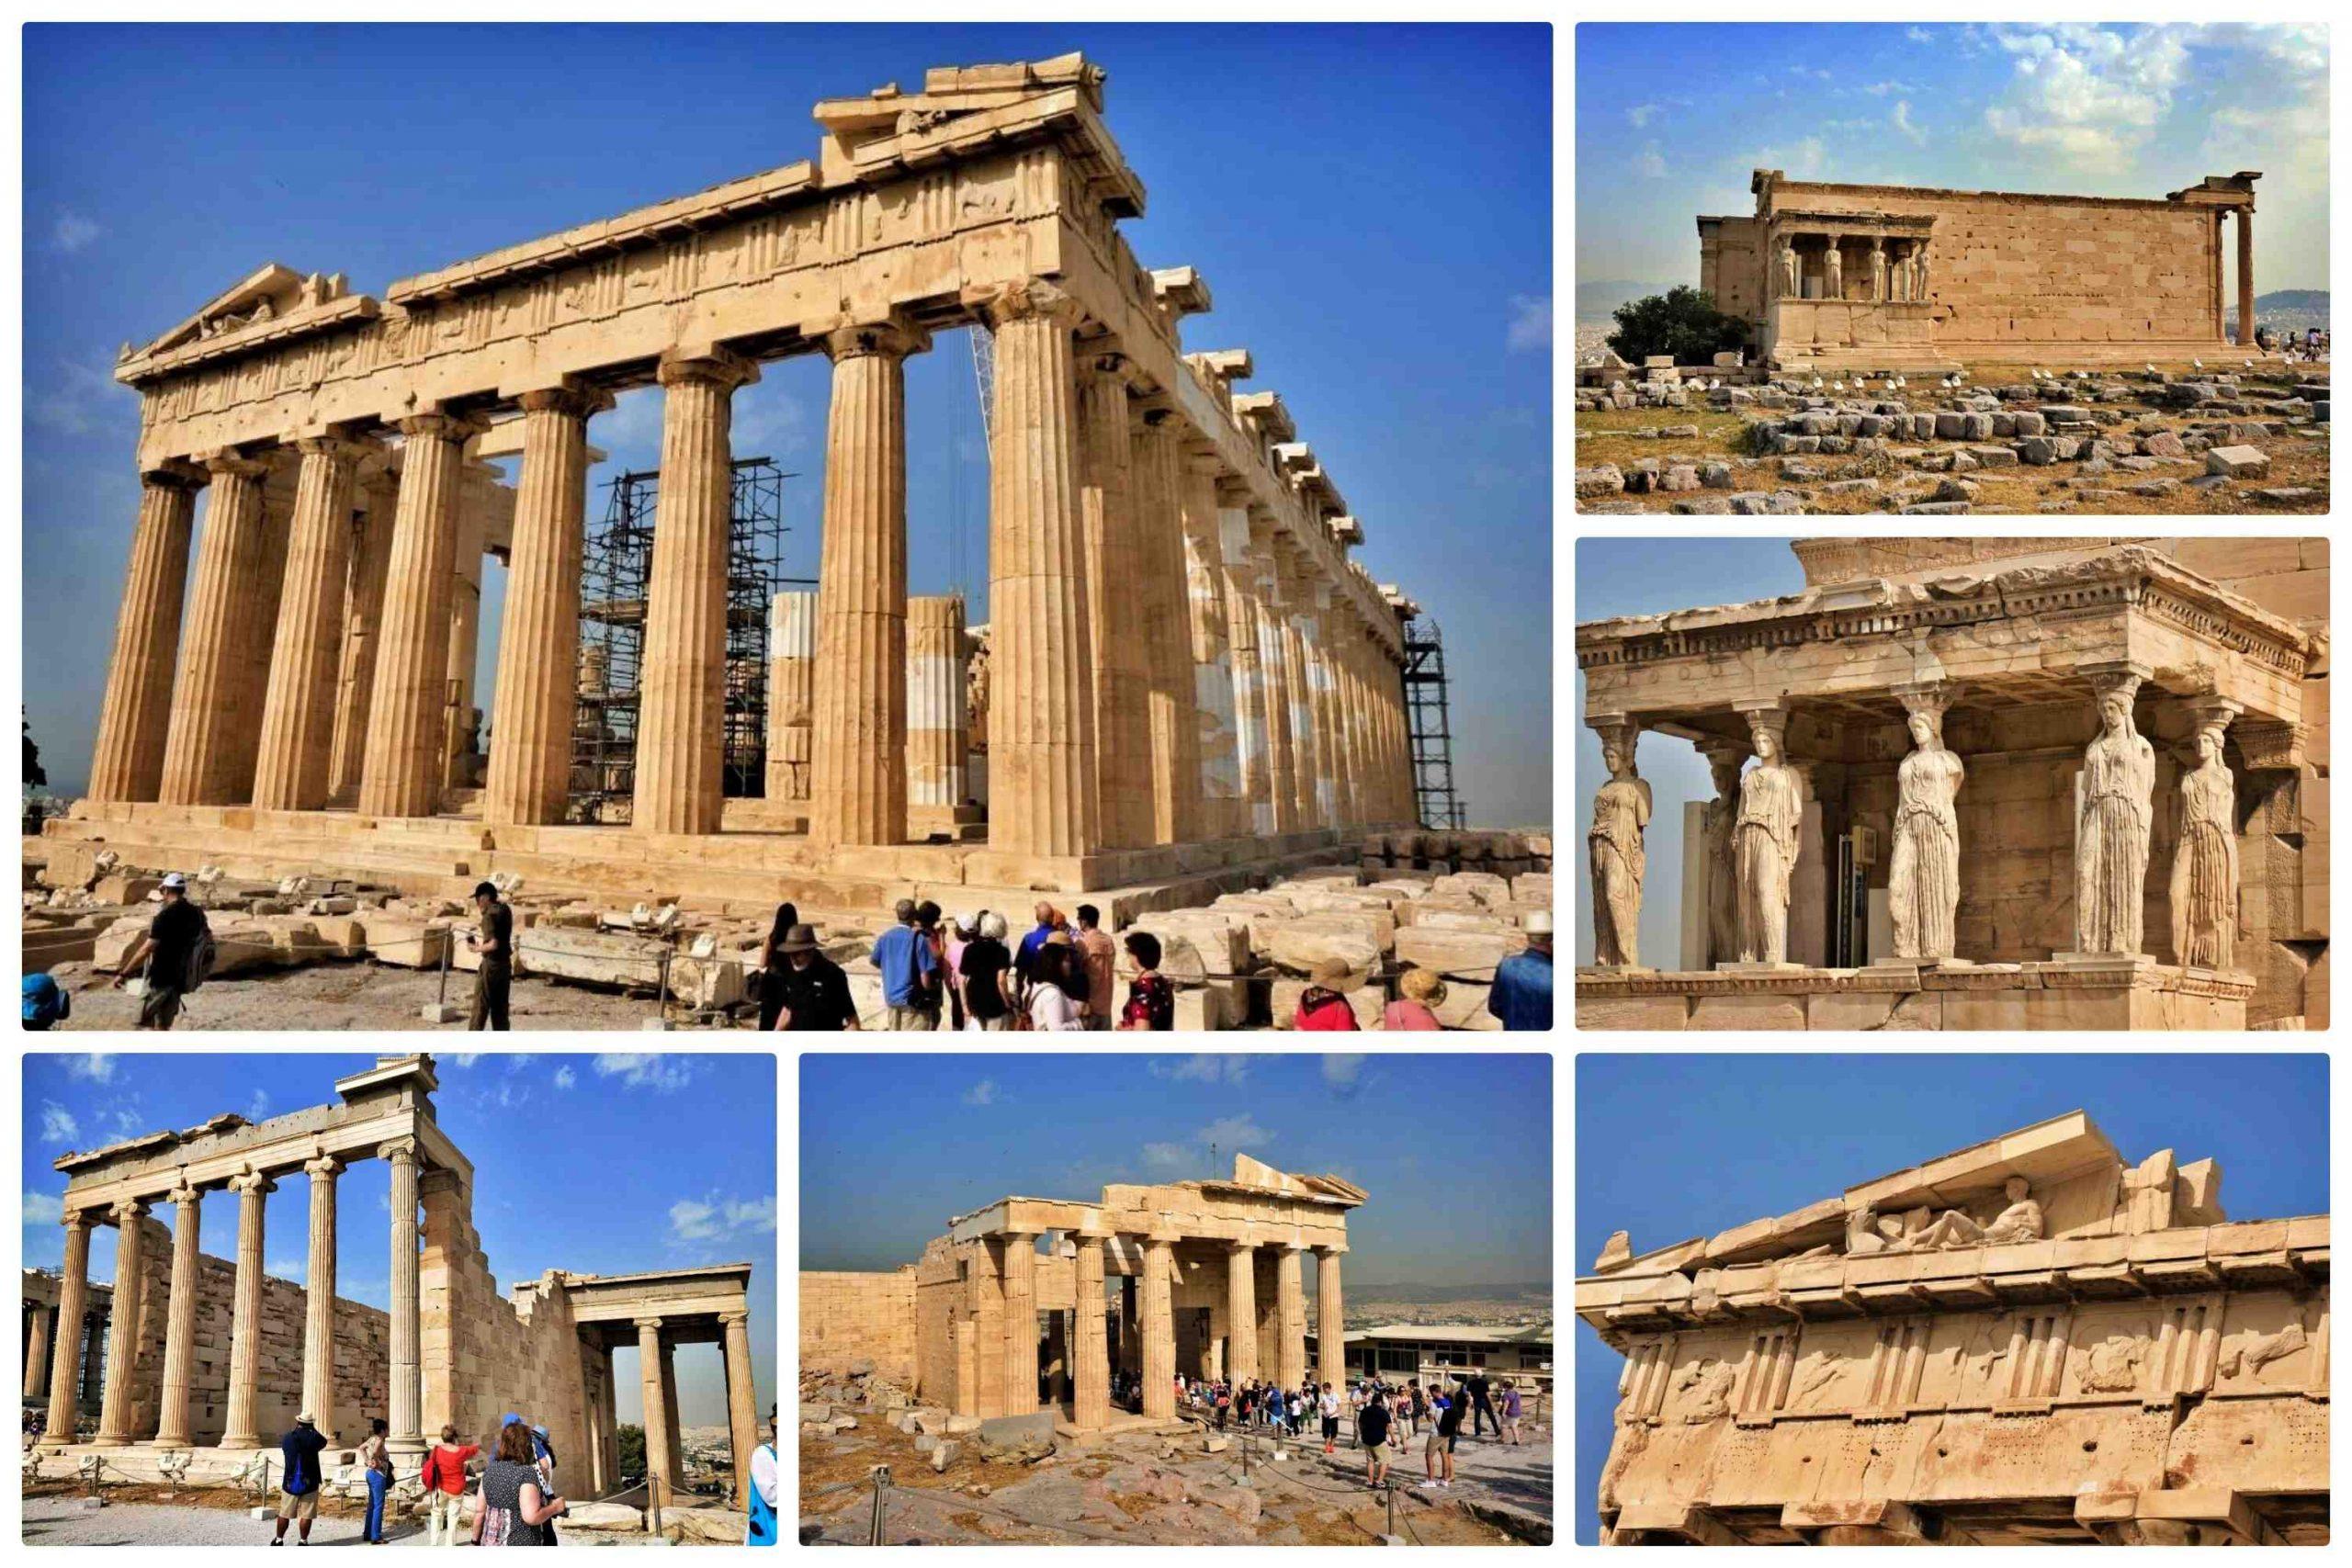 希臘雅典一日遊 - 雅典衛城